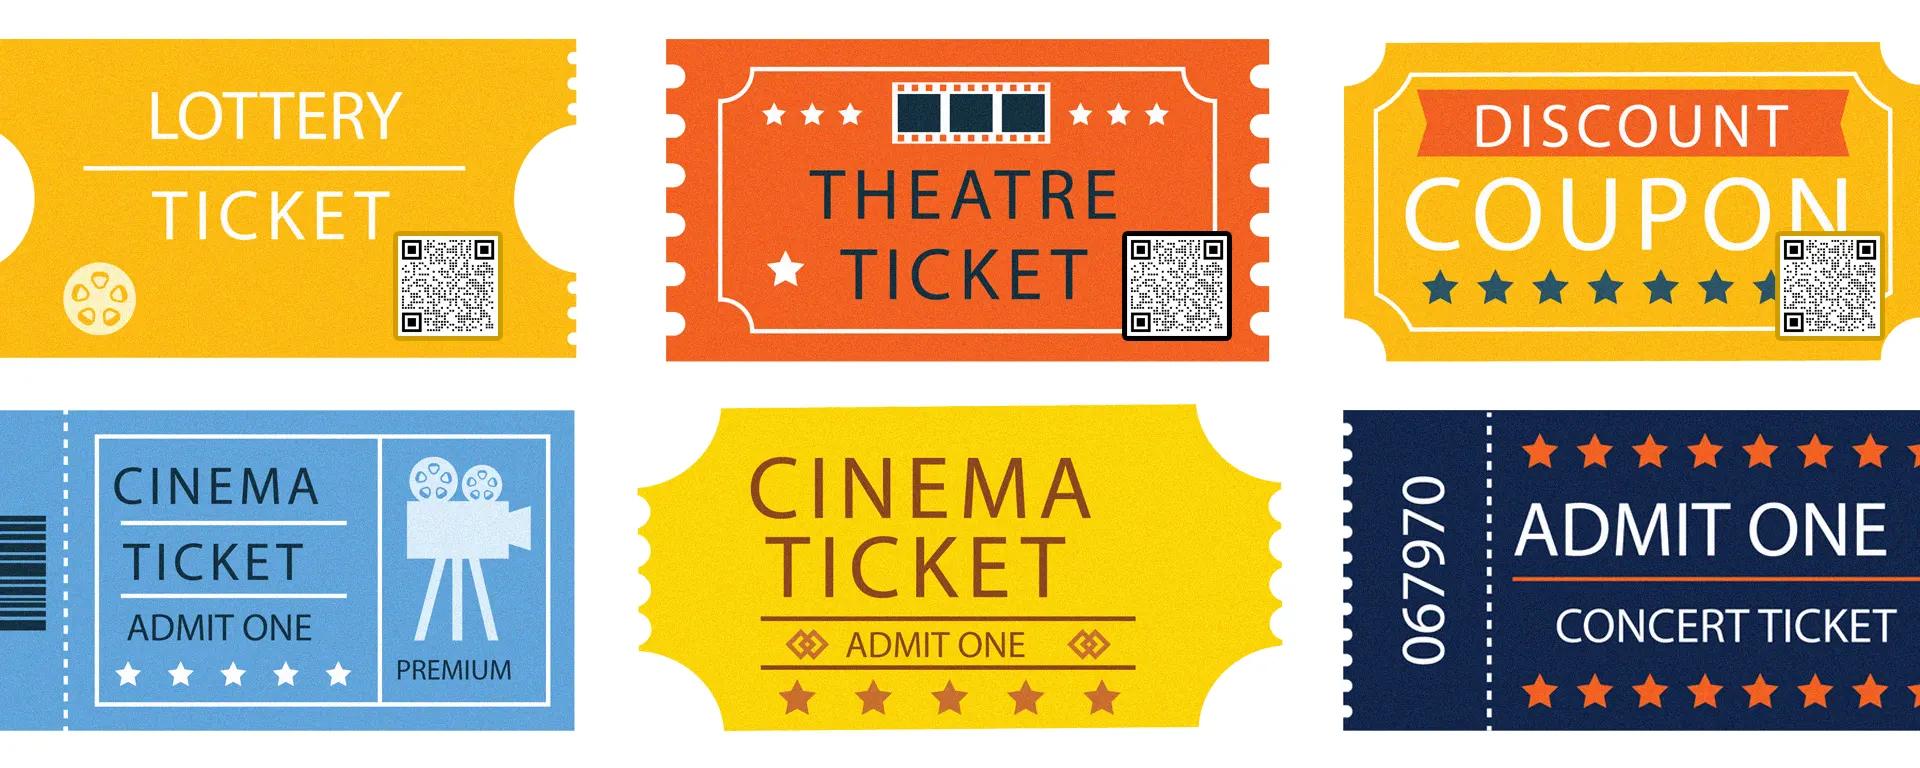 qr codes on tickets